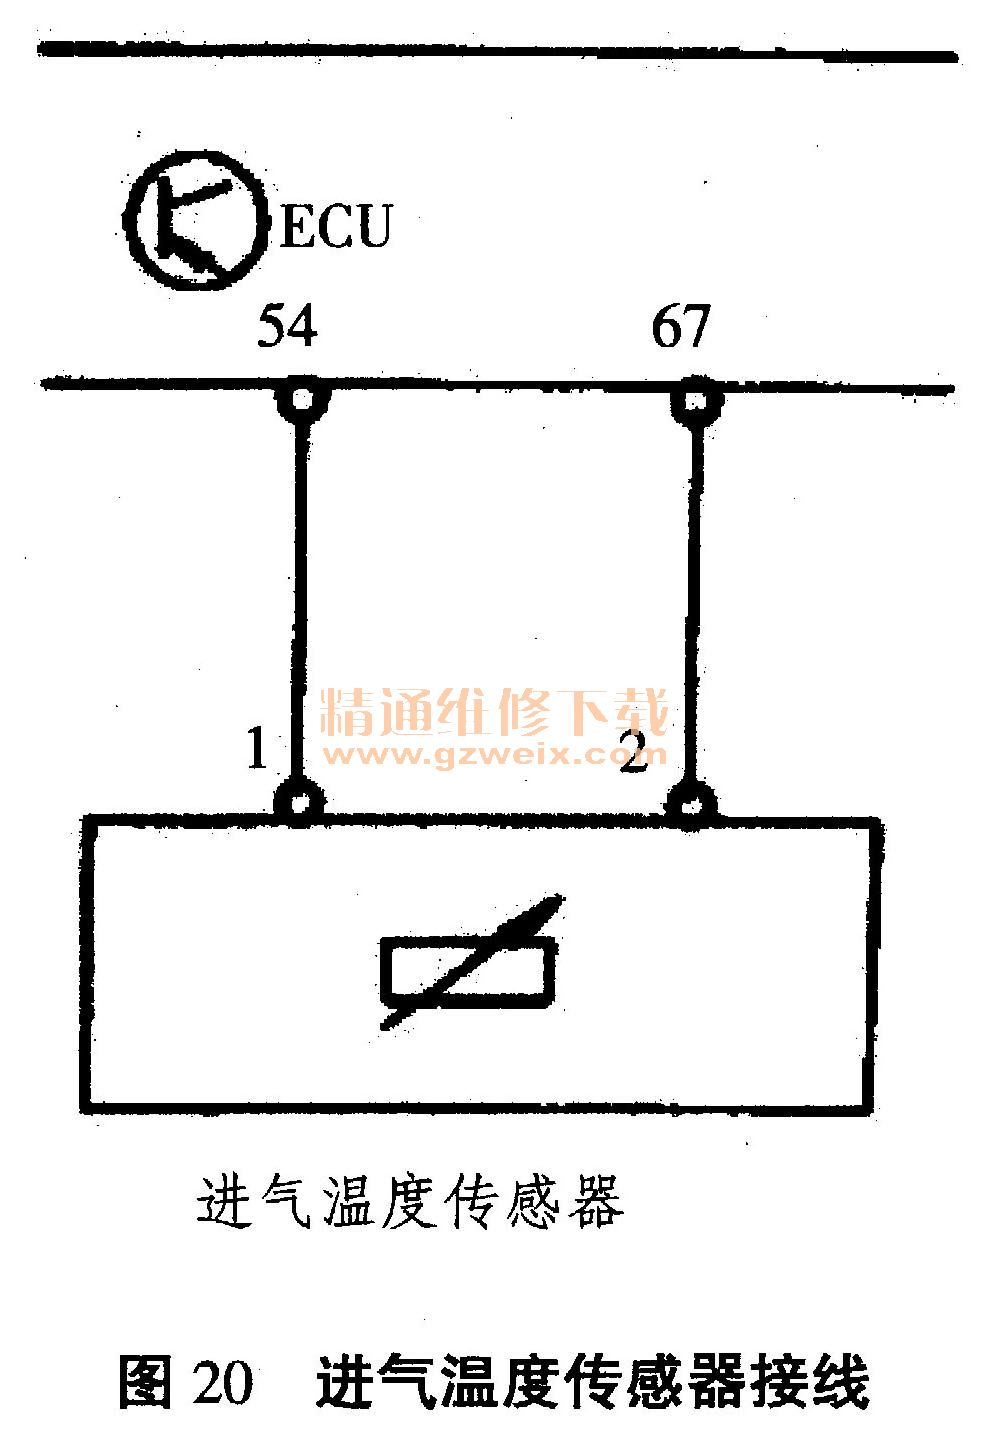 桑塔纳2000 ajr电控发动机传感器与执行器的检测(二)